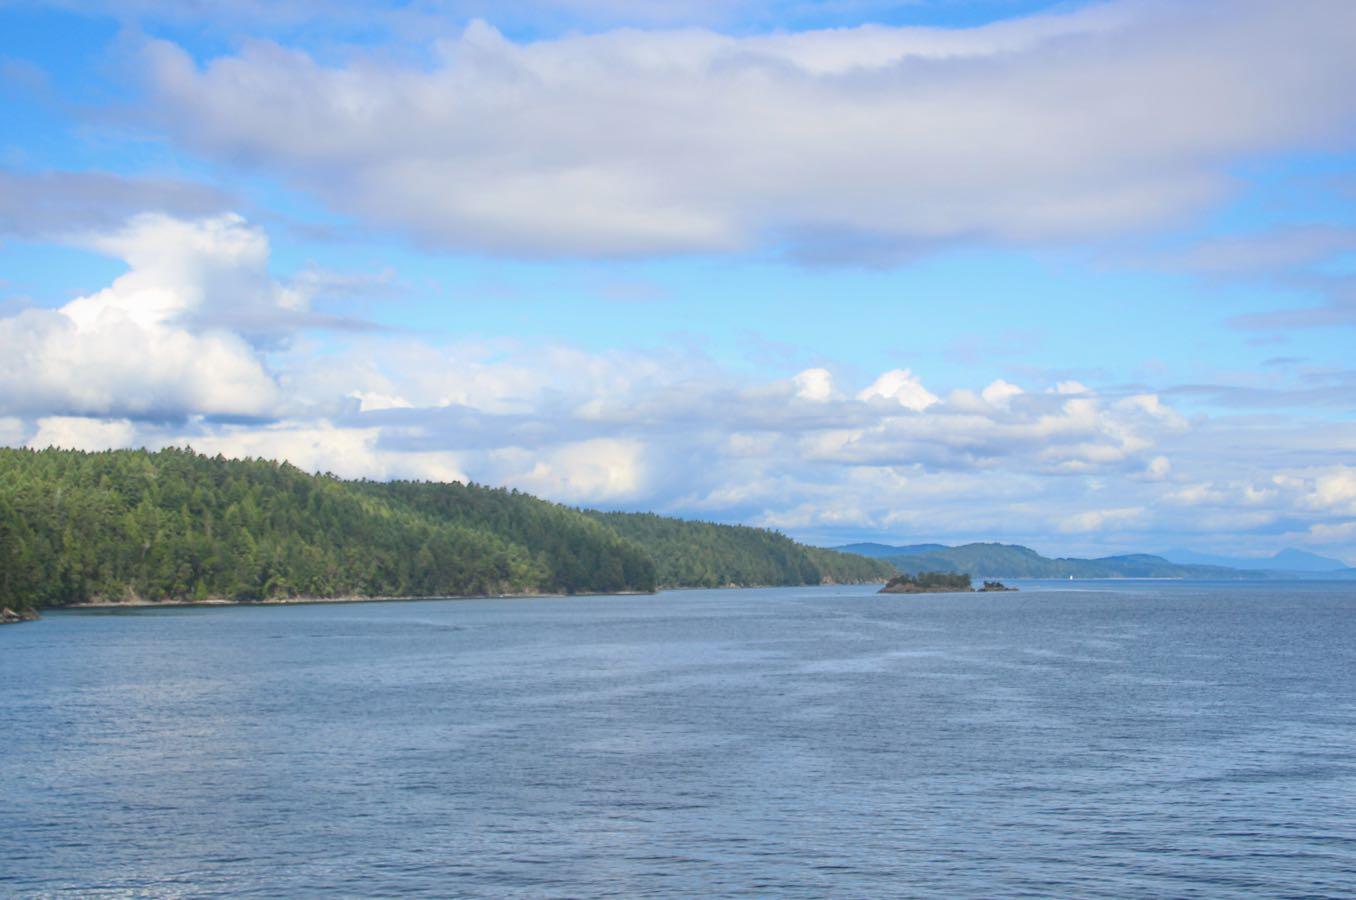 島が見える